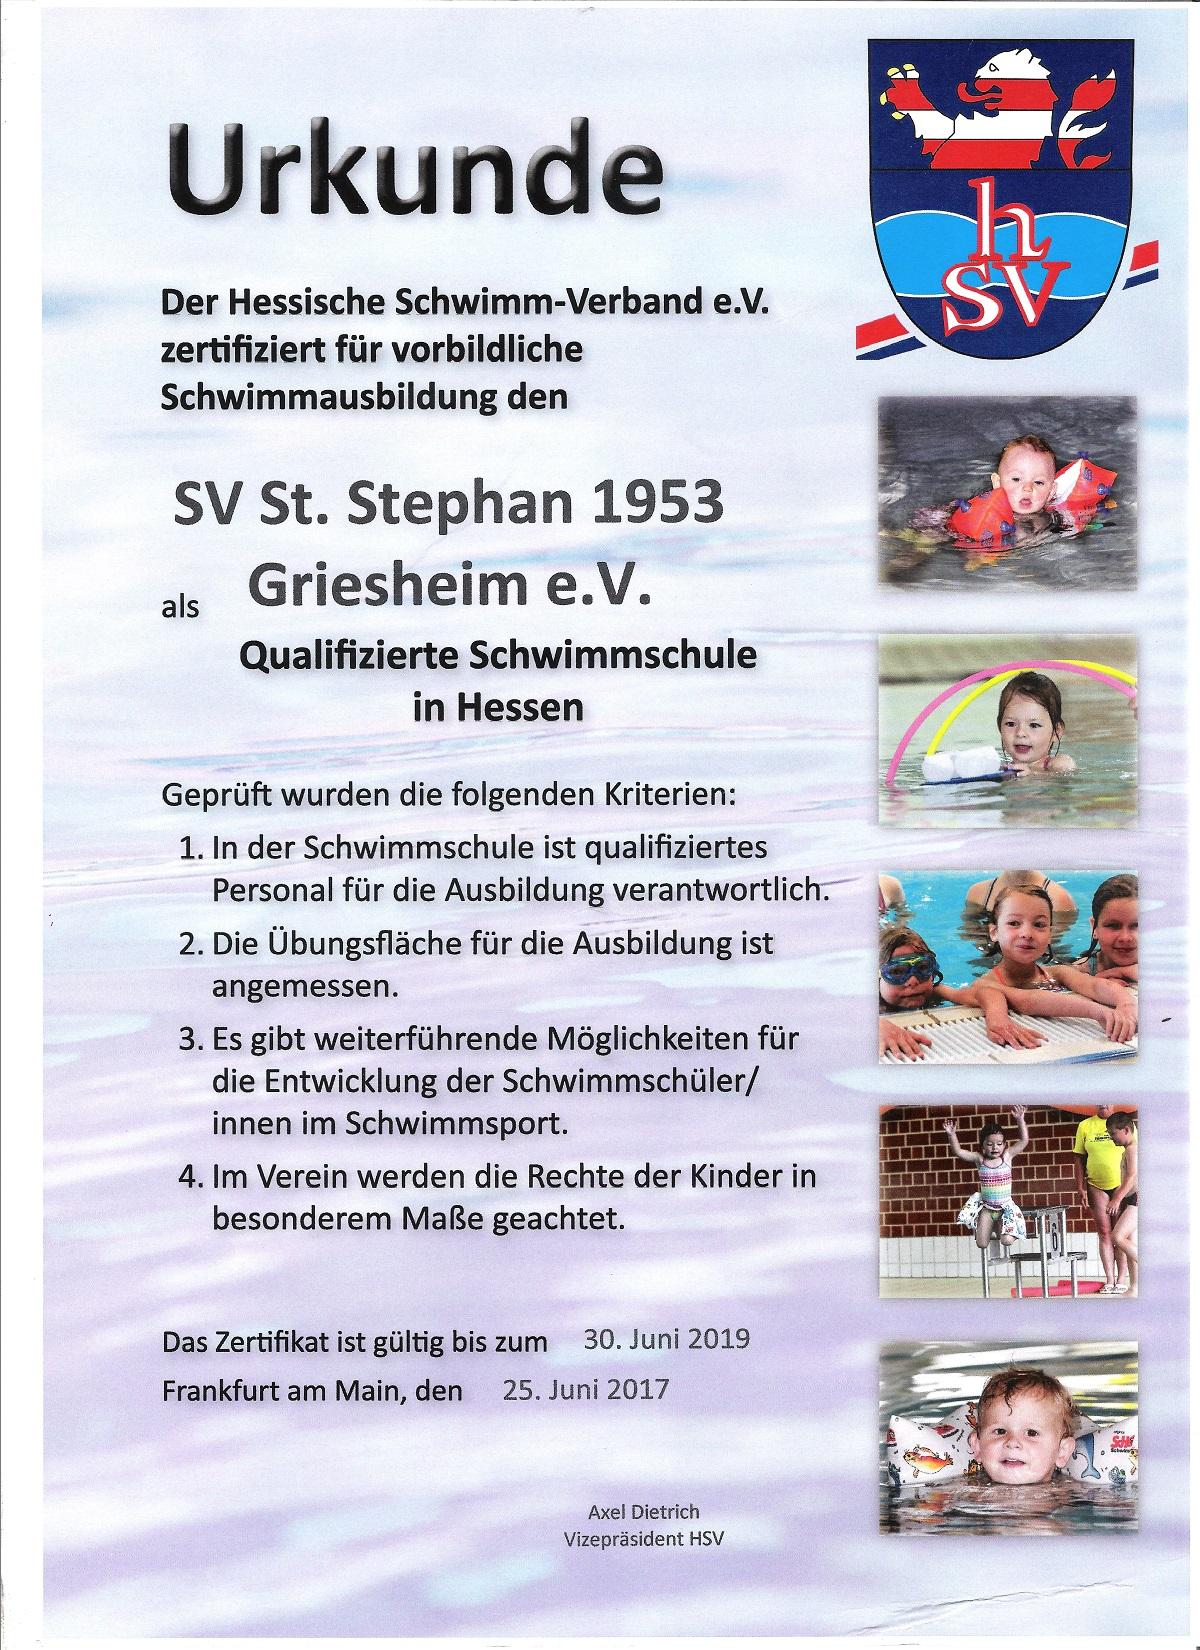 tnY7aBM5_Urkunde qualifizierte Schwimmschule klein.jpg